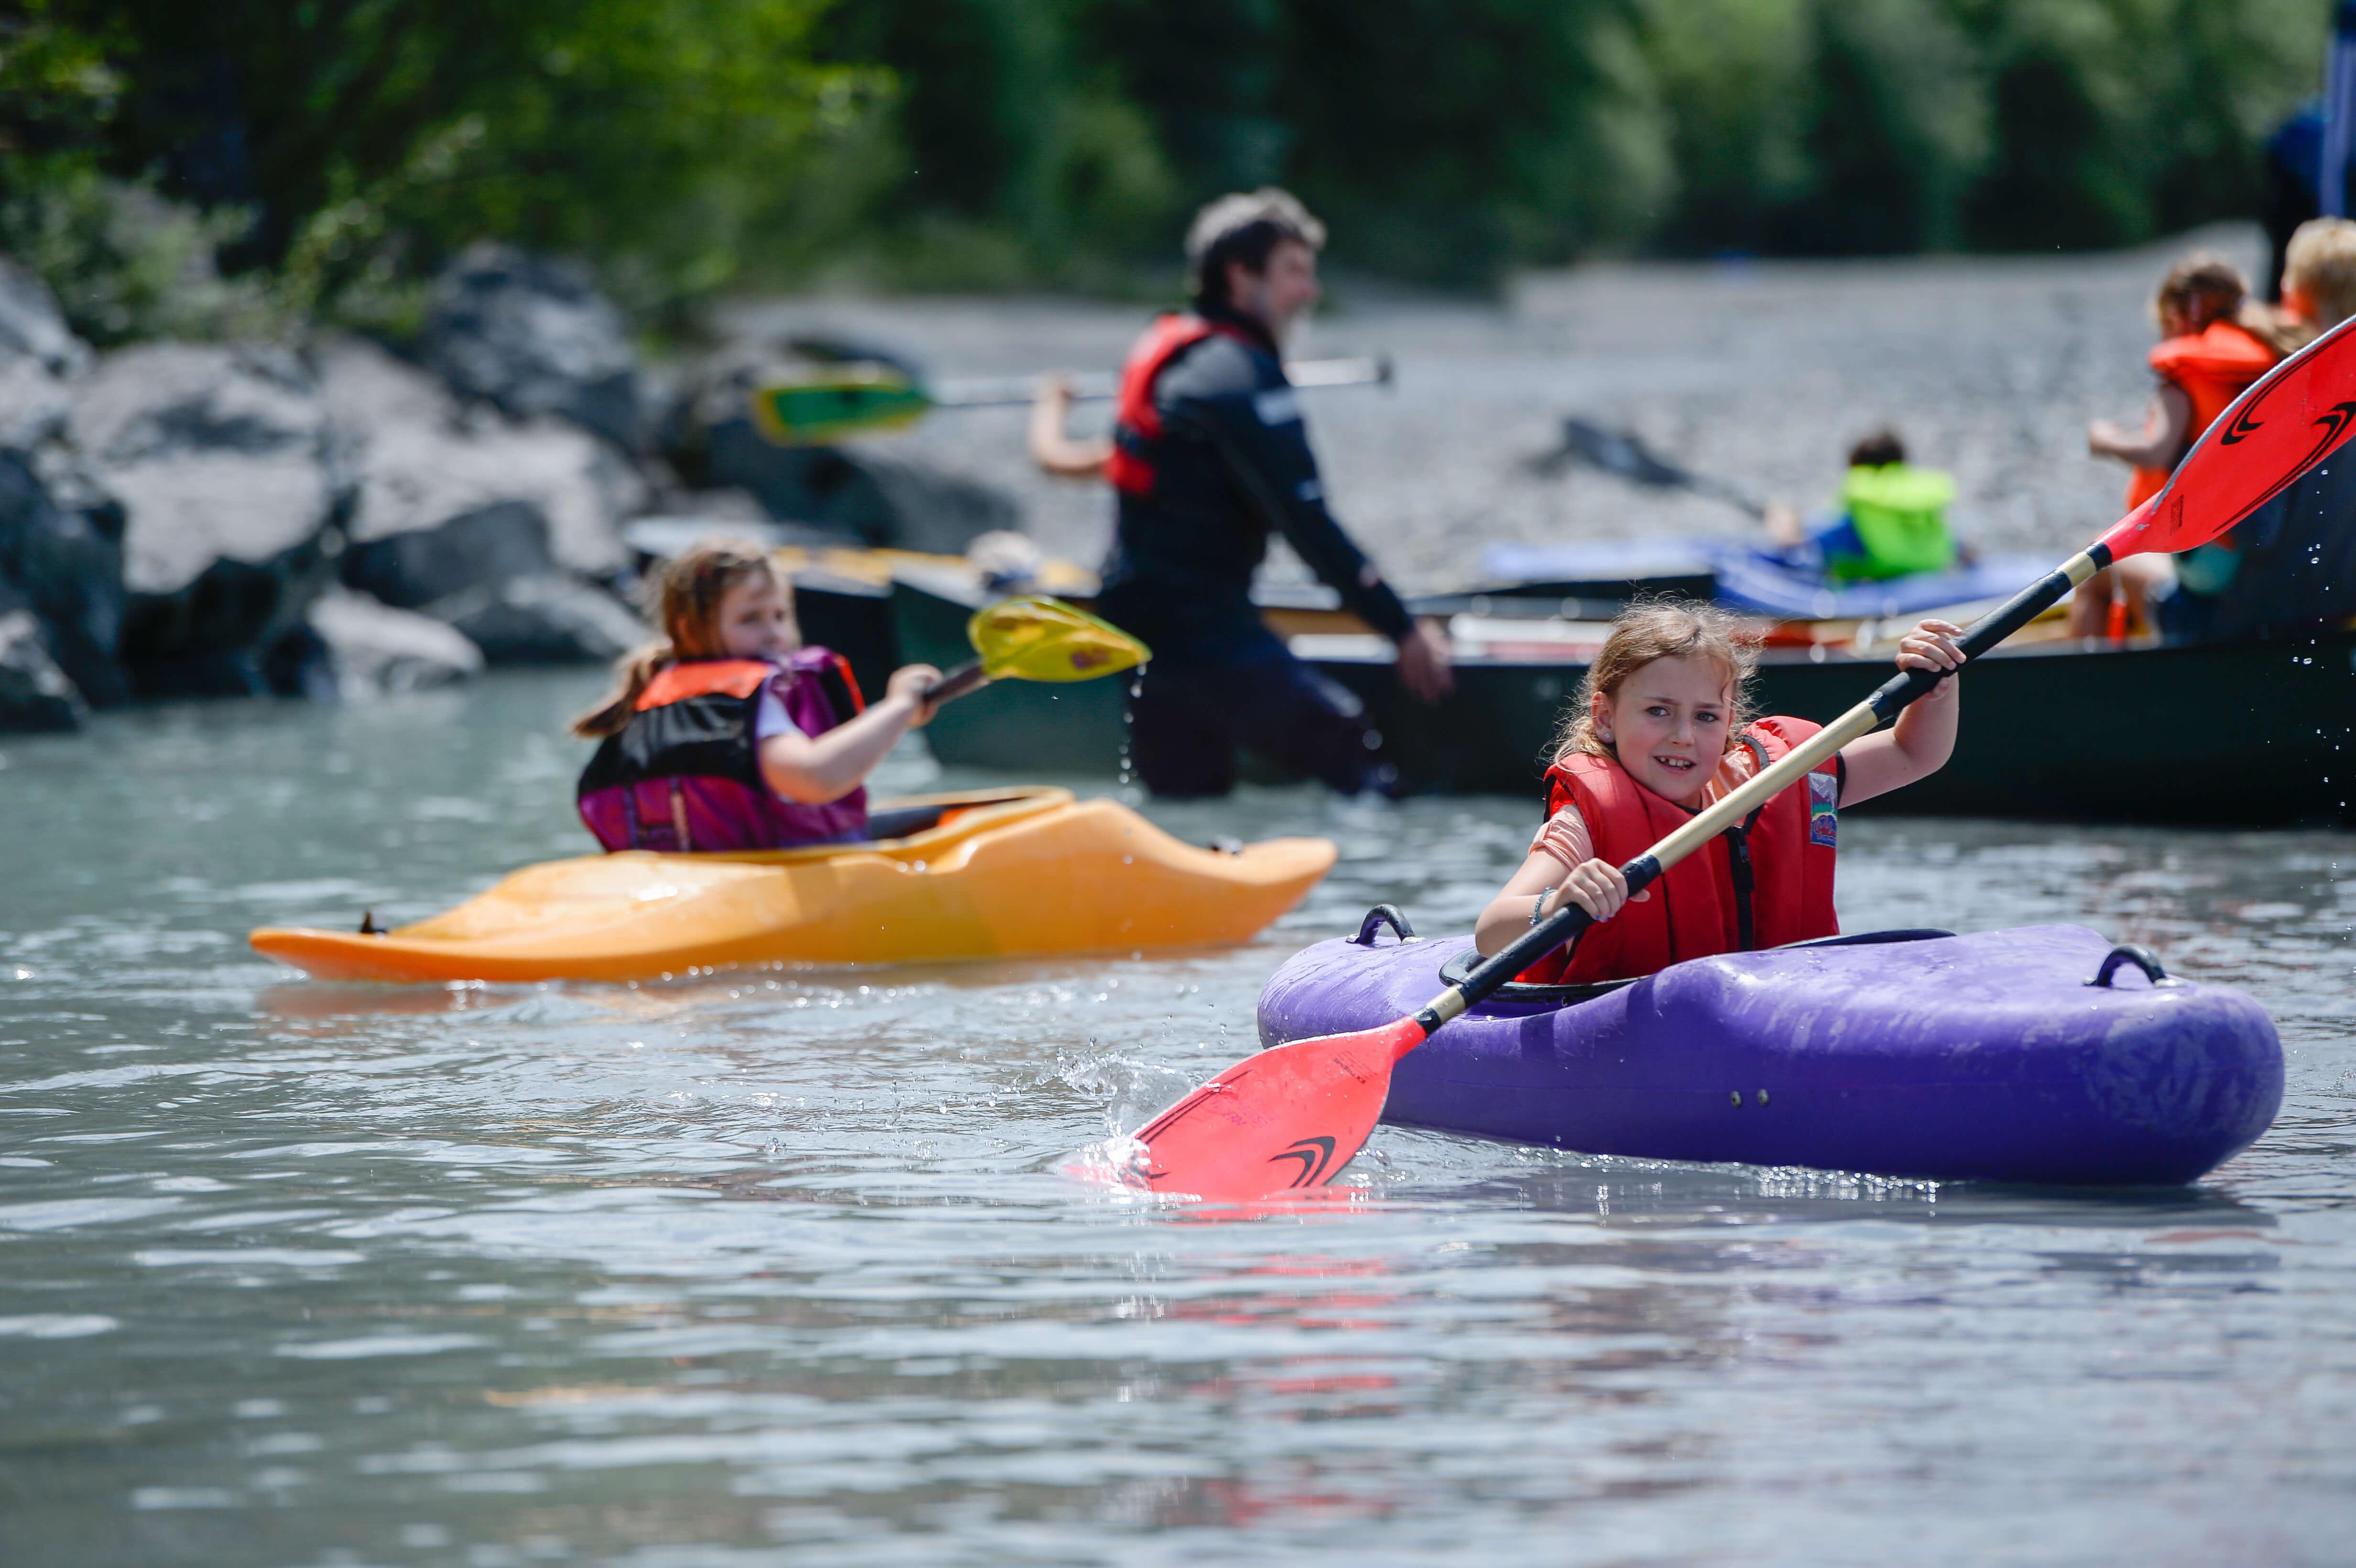 Vorschau: Das Rhy-Fäscht 2016 findet am 21. Mai statt